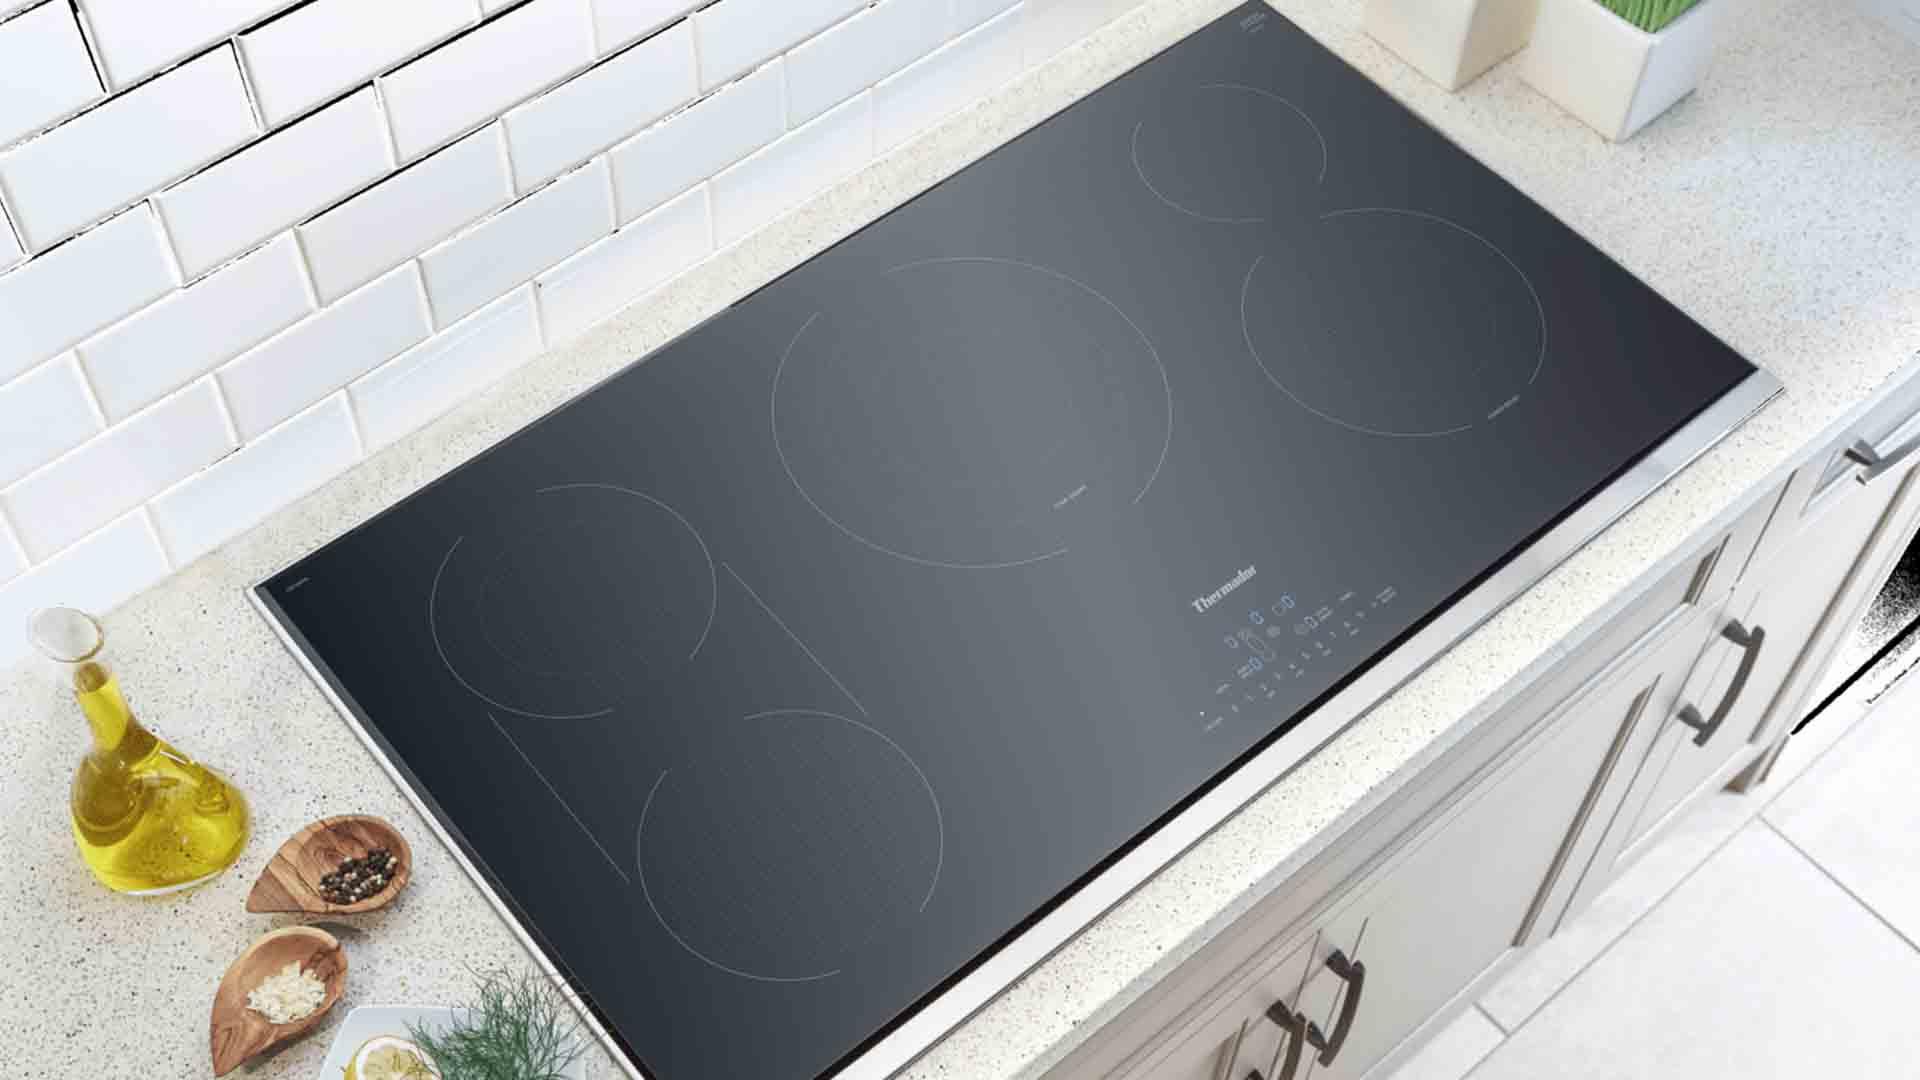 Thermador Electric Cooktop Repair | Thermador Appliance Repair Pros